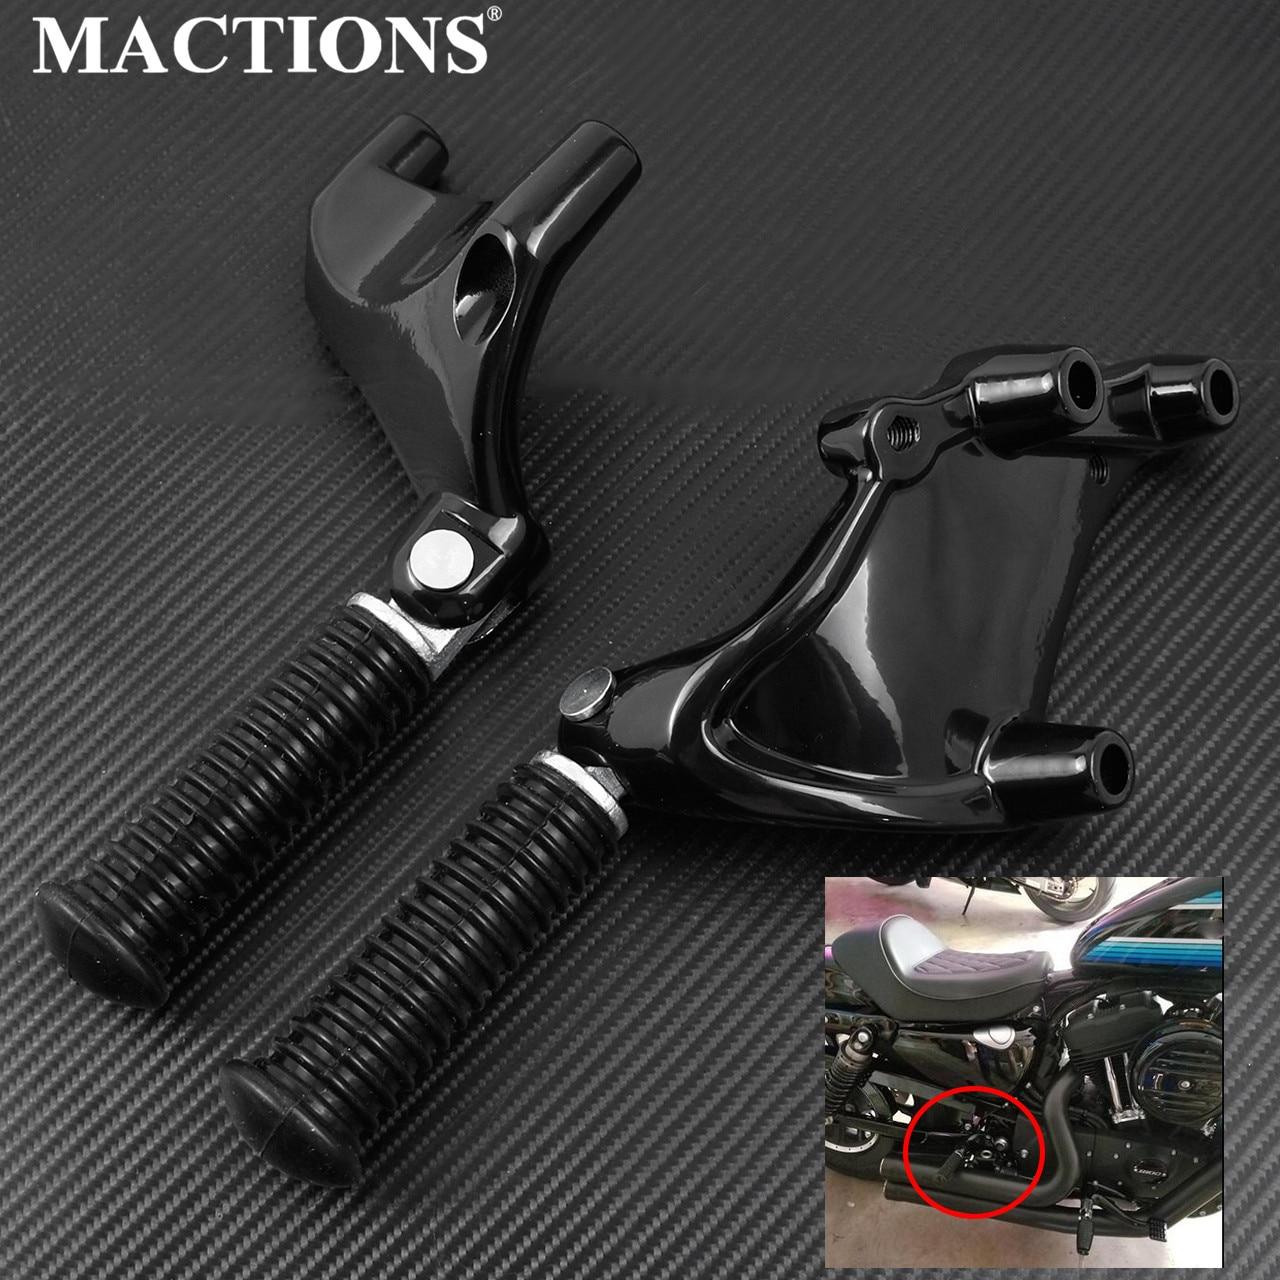 Подножники для заднего мотоцикла, черные подножники для крепления на педали для Harley Sportster Iron 883 1200 XL 48 72 SuperLow 2014-2019